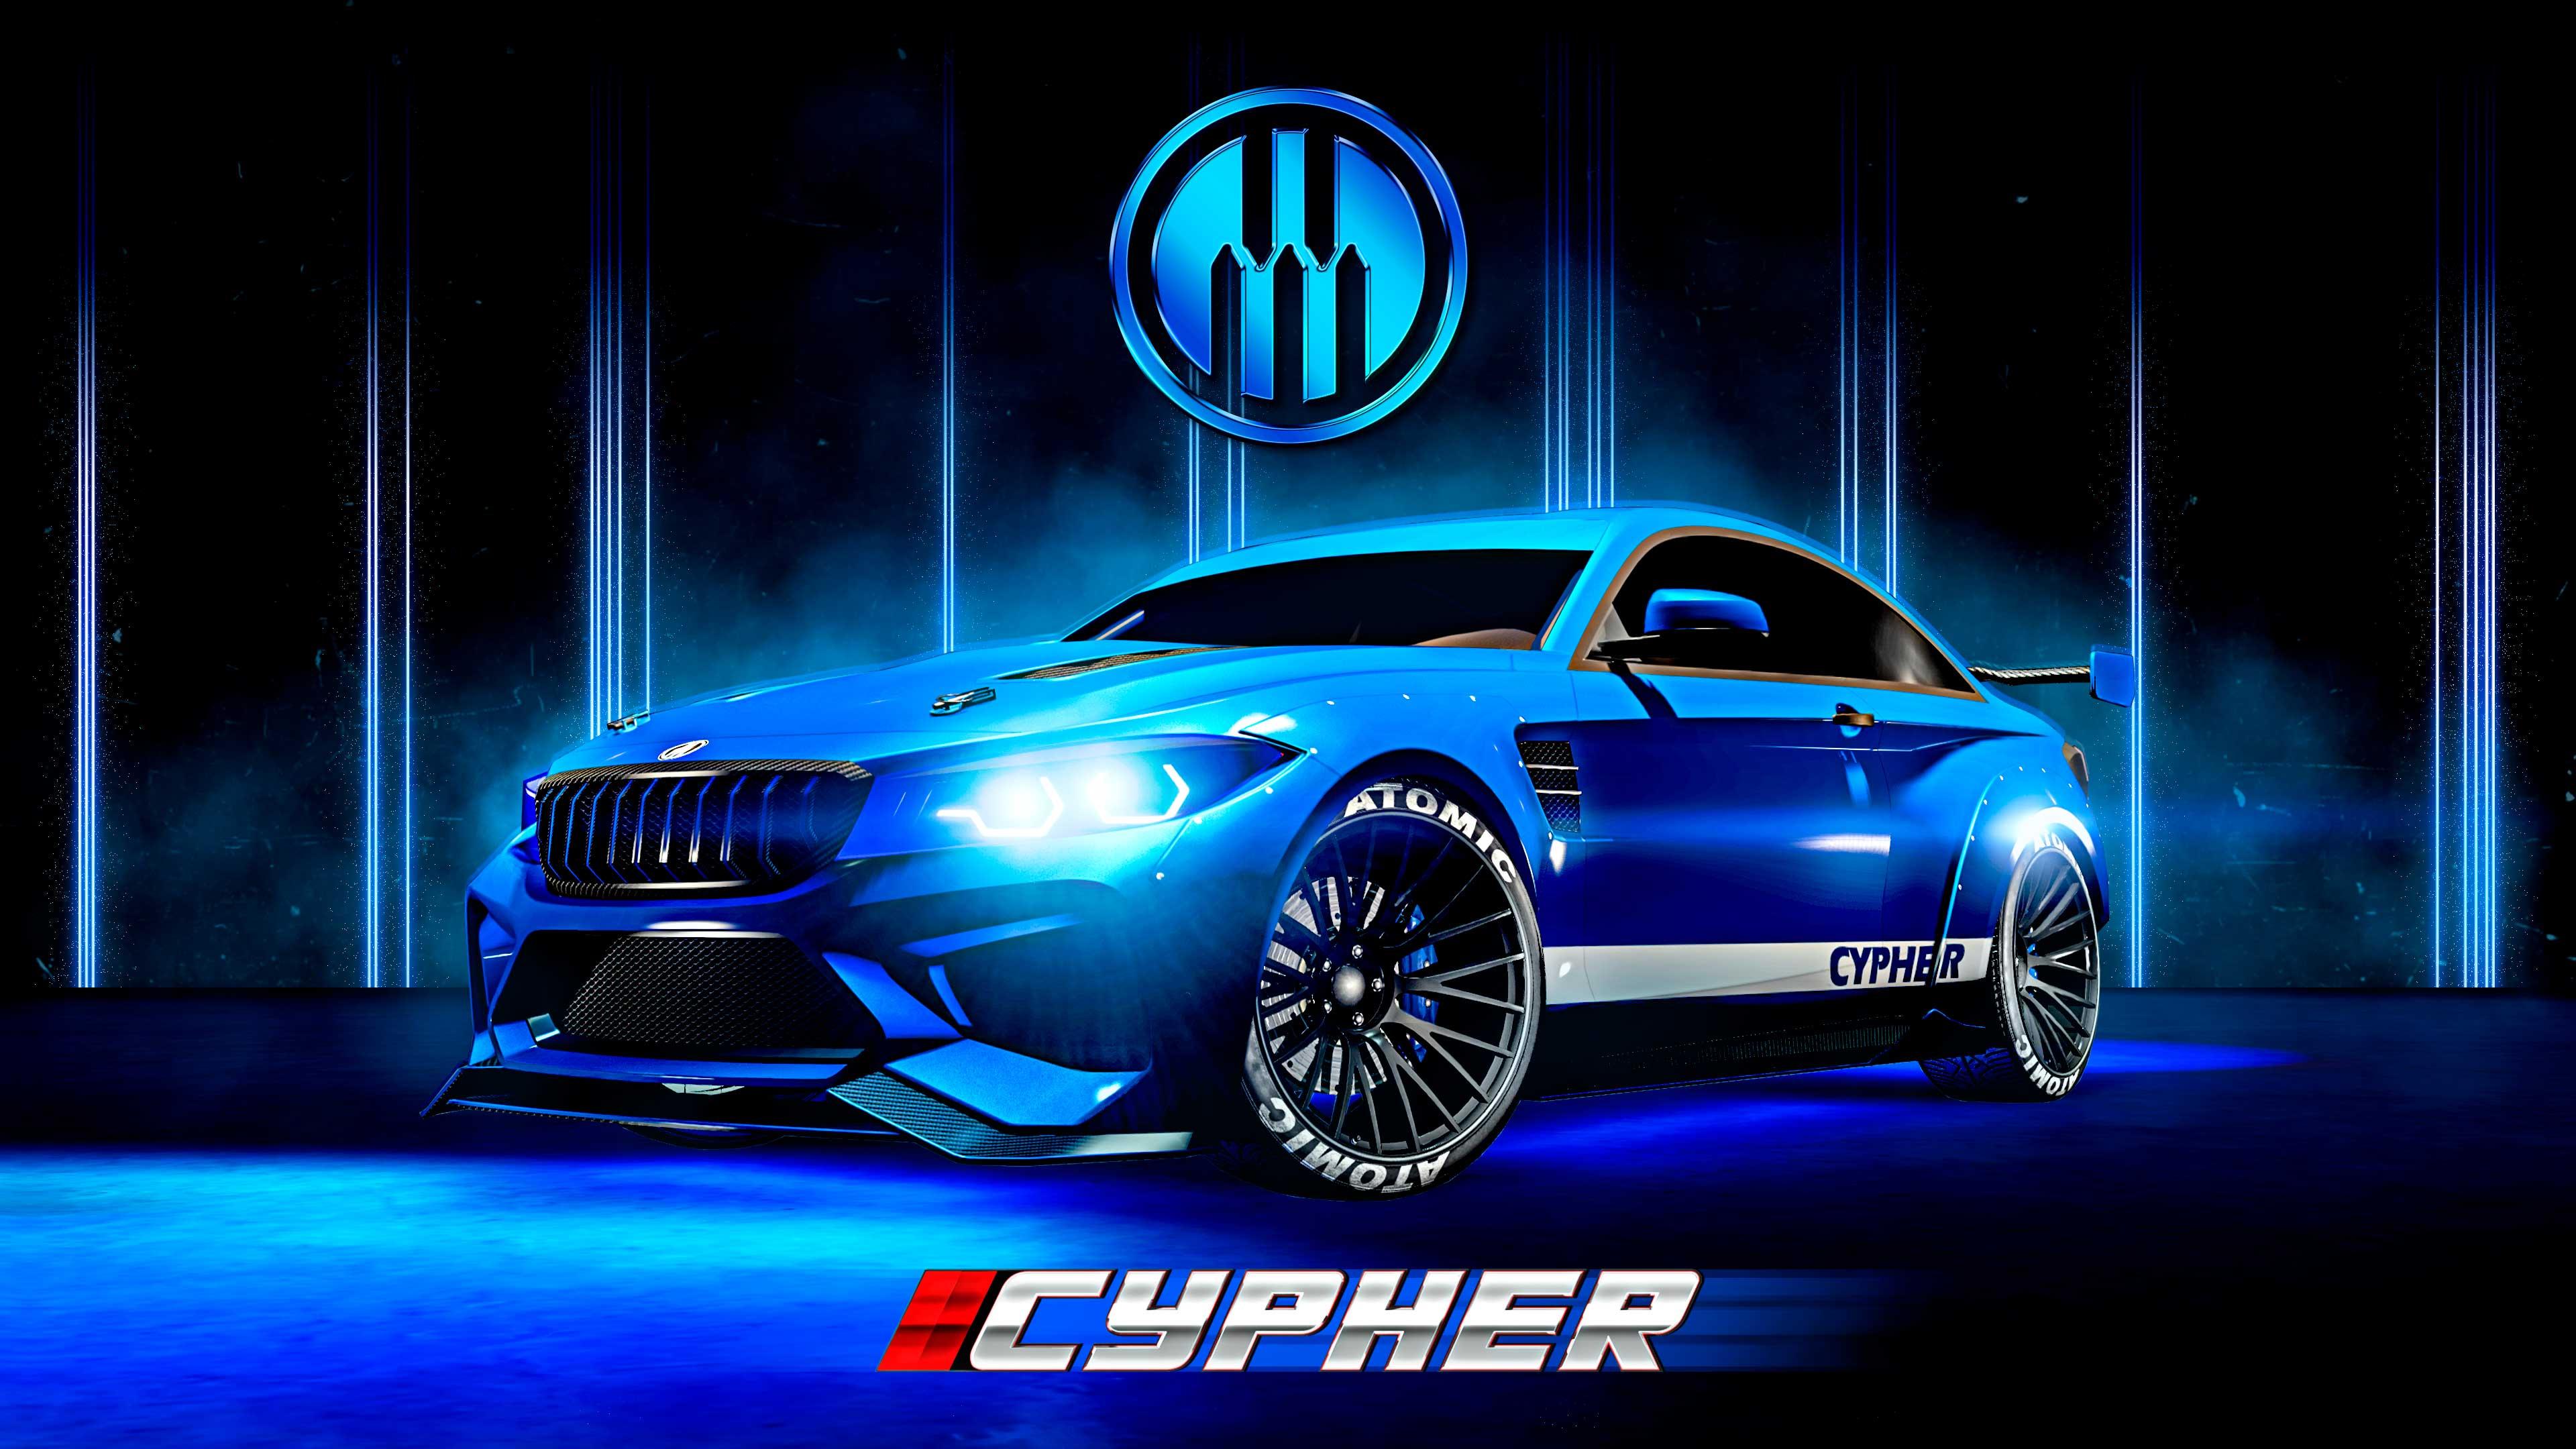 GTA Online Los Santos Tuners Übermacht Cypher